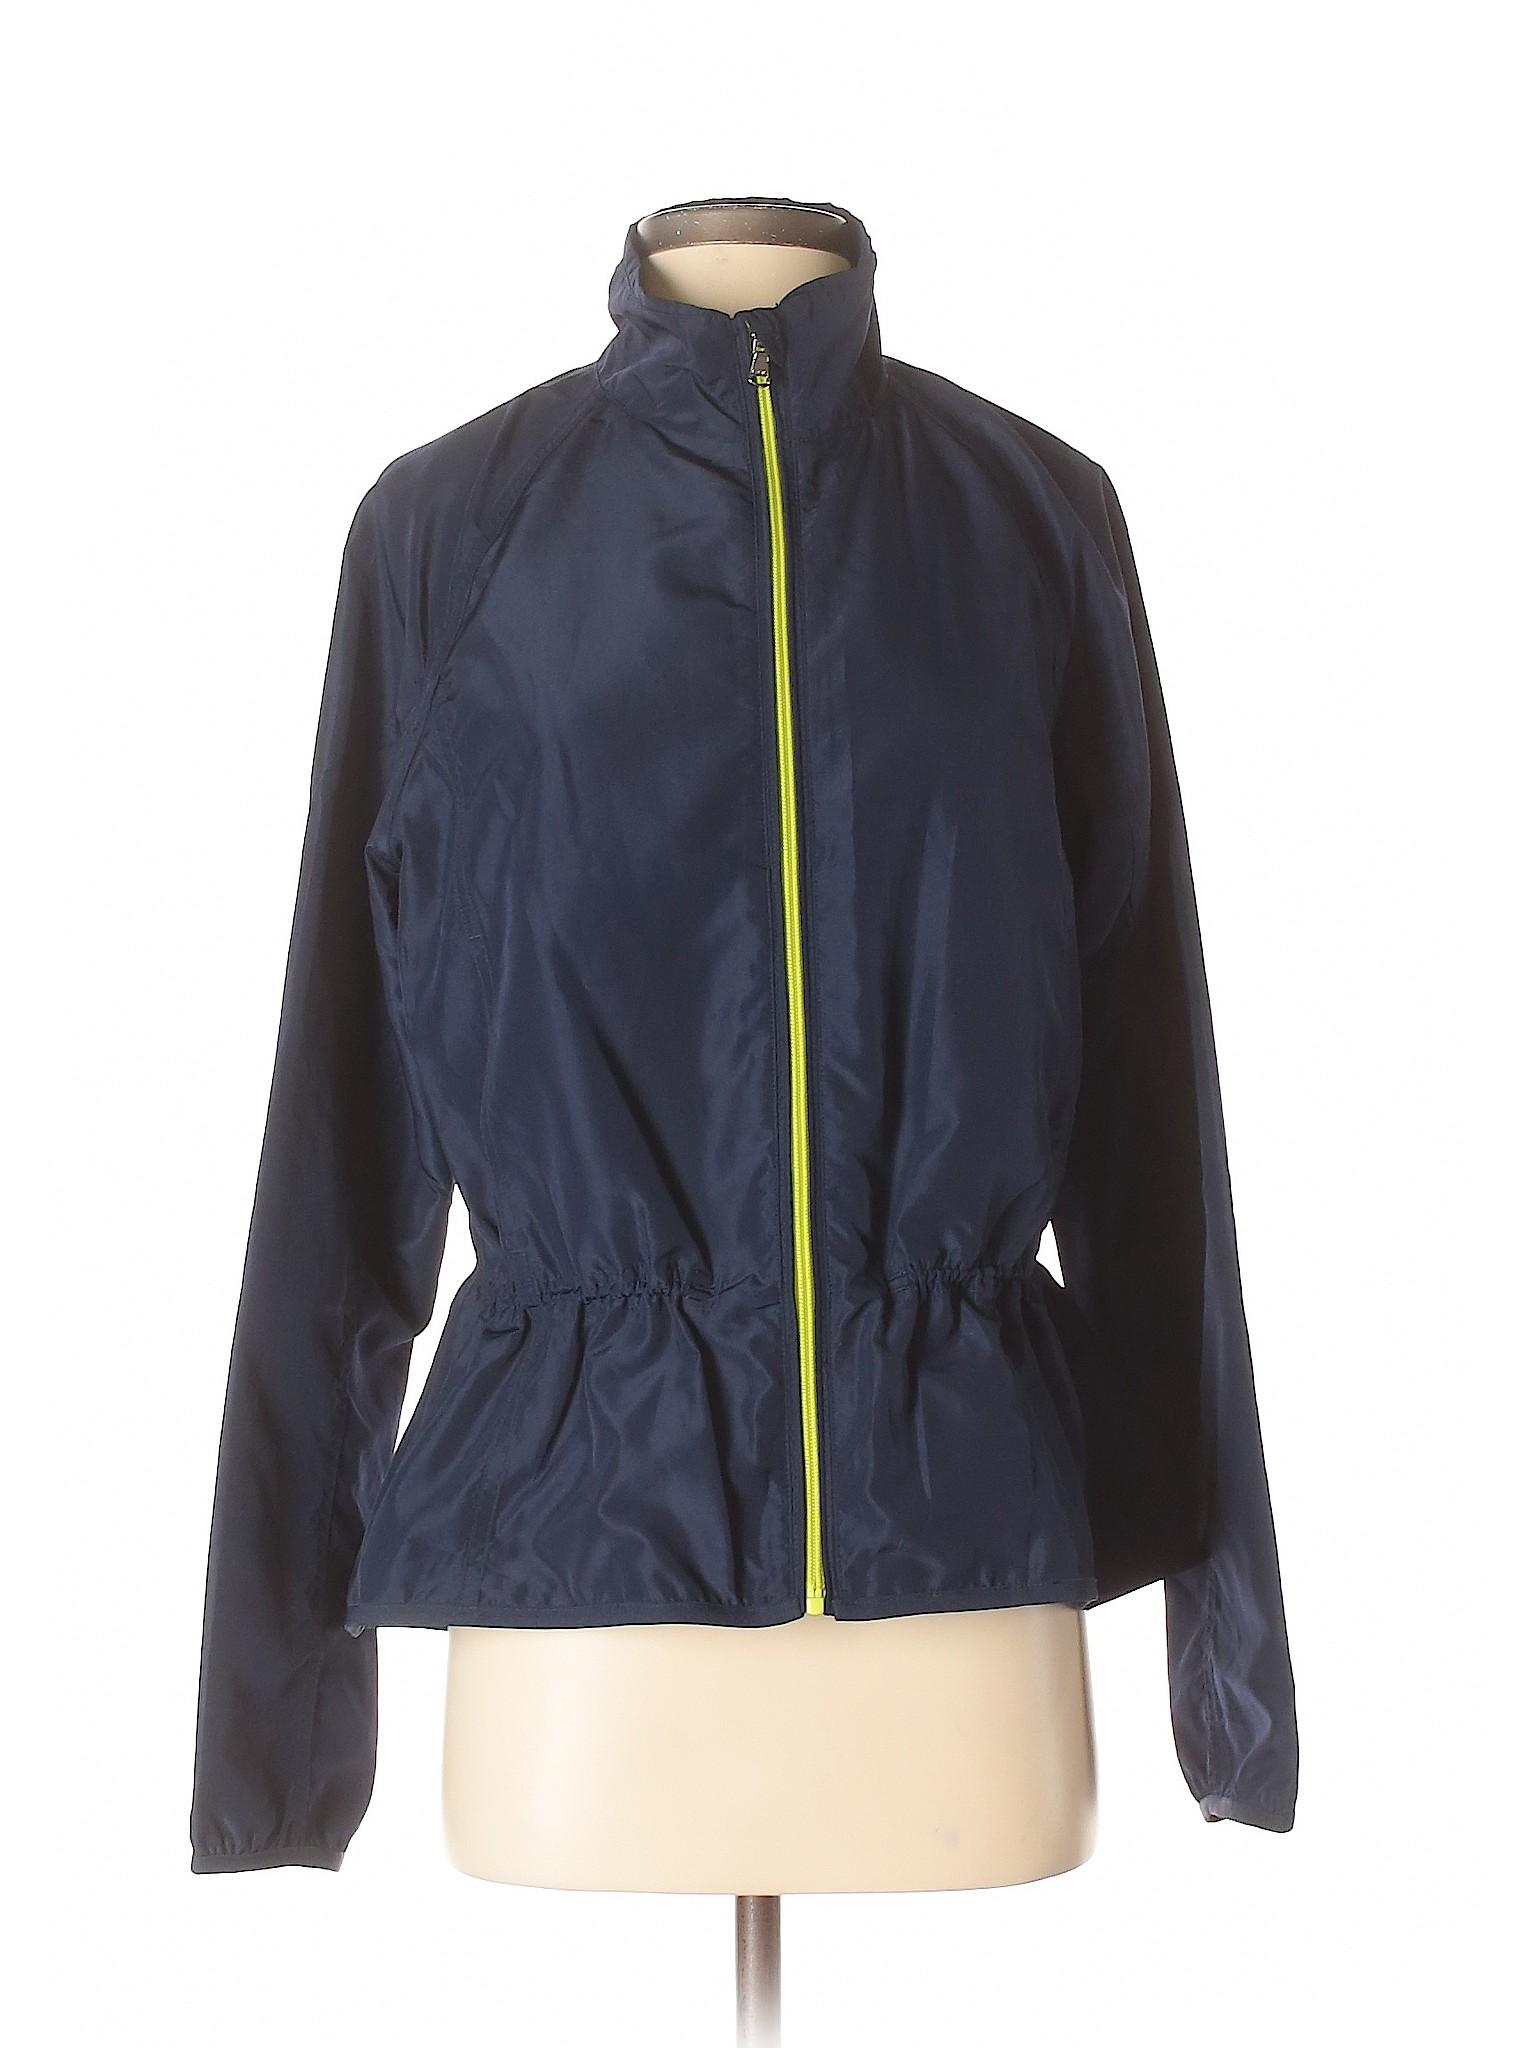 Windbreaker RL winter L Active Boutique Ralph Lauren Lauren 4g0Fqw8xC8